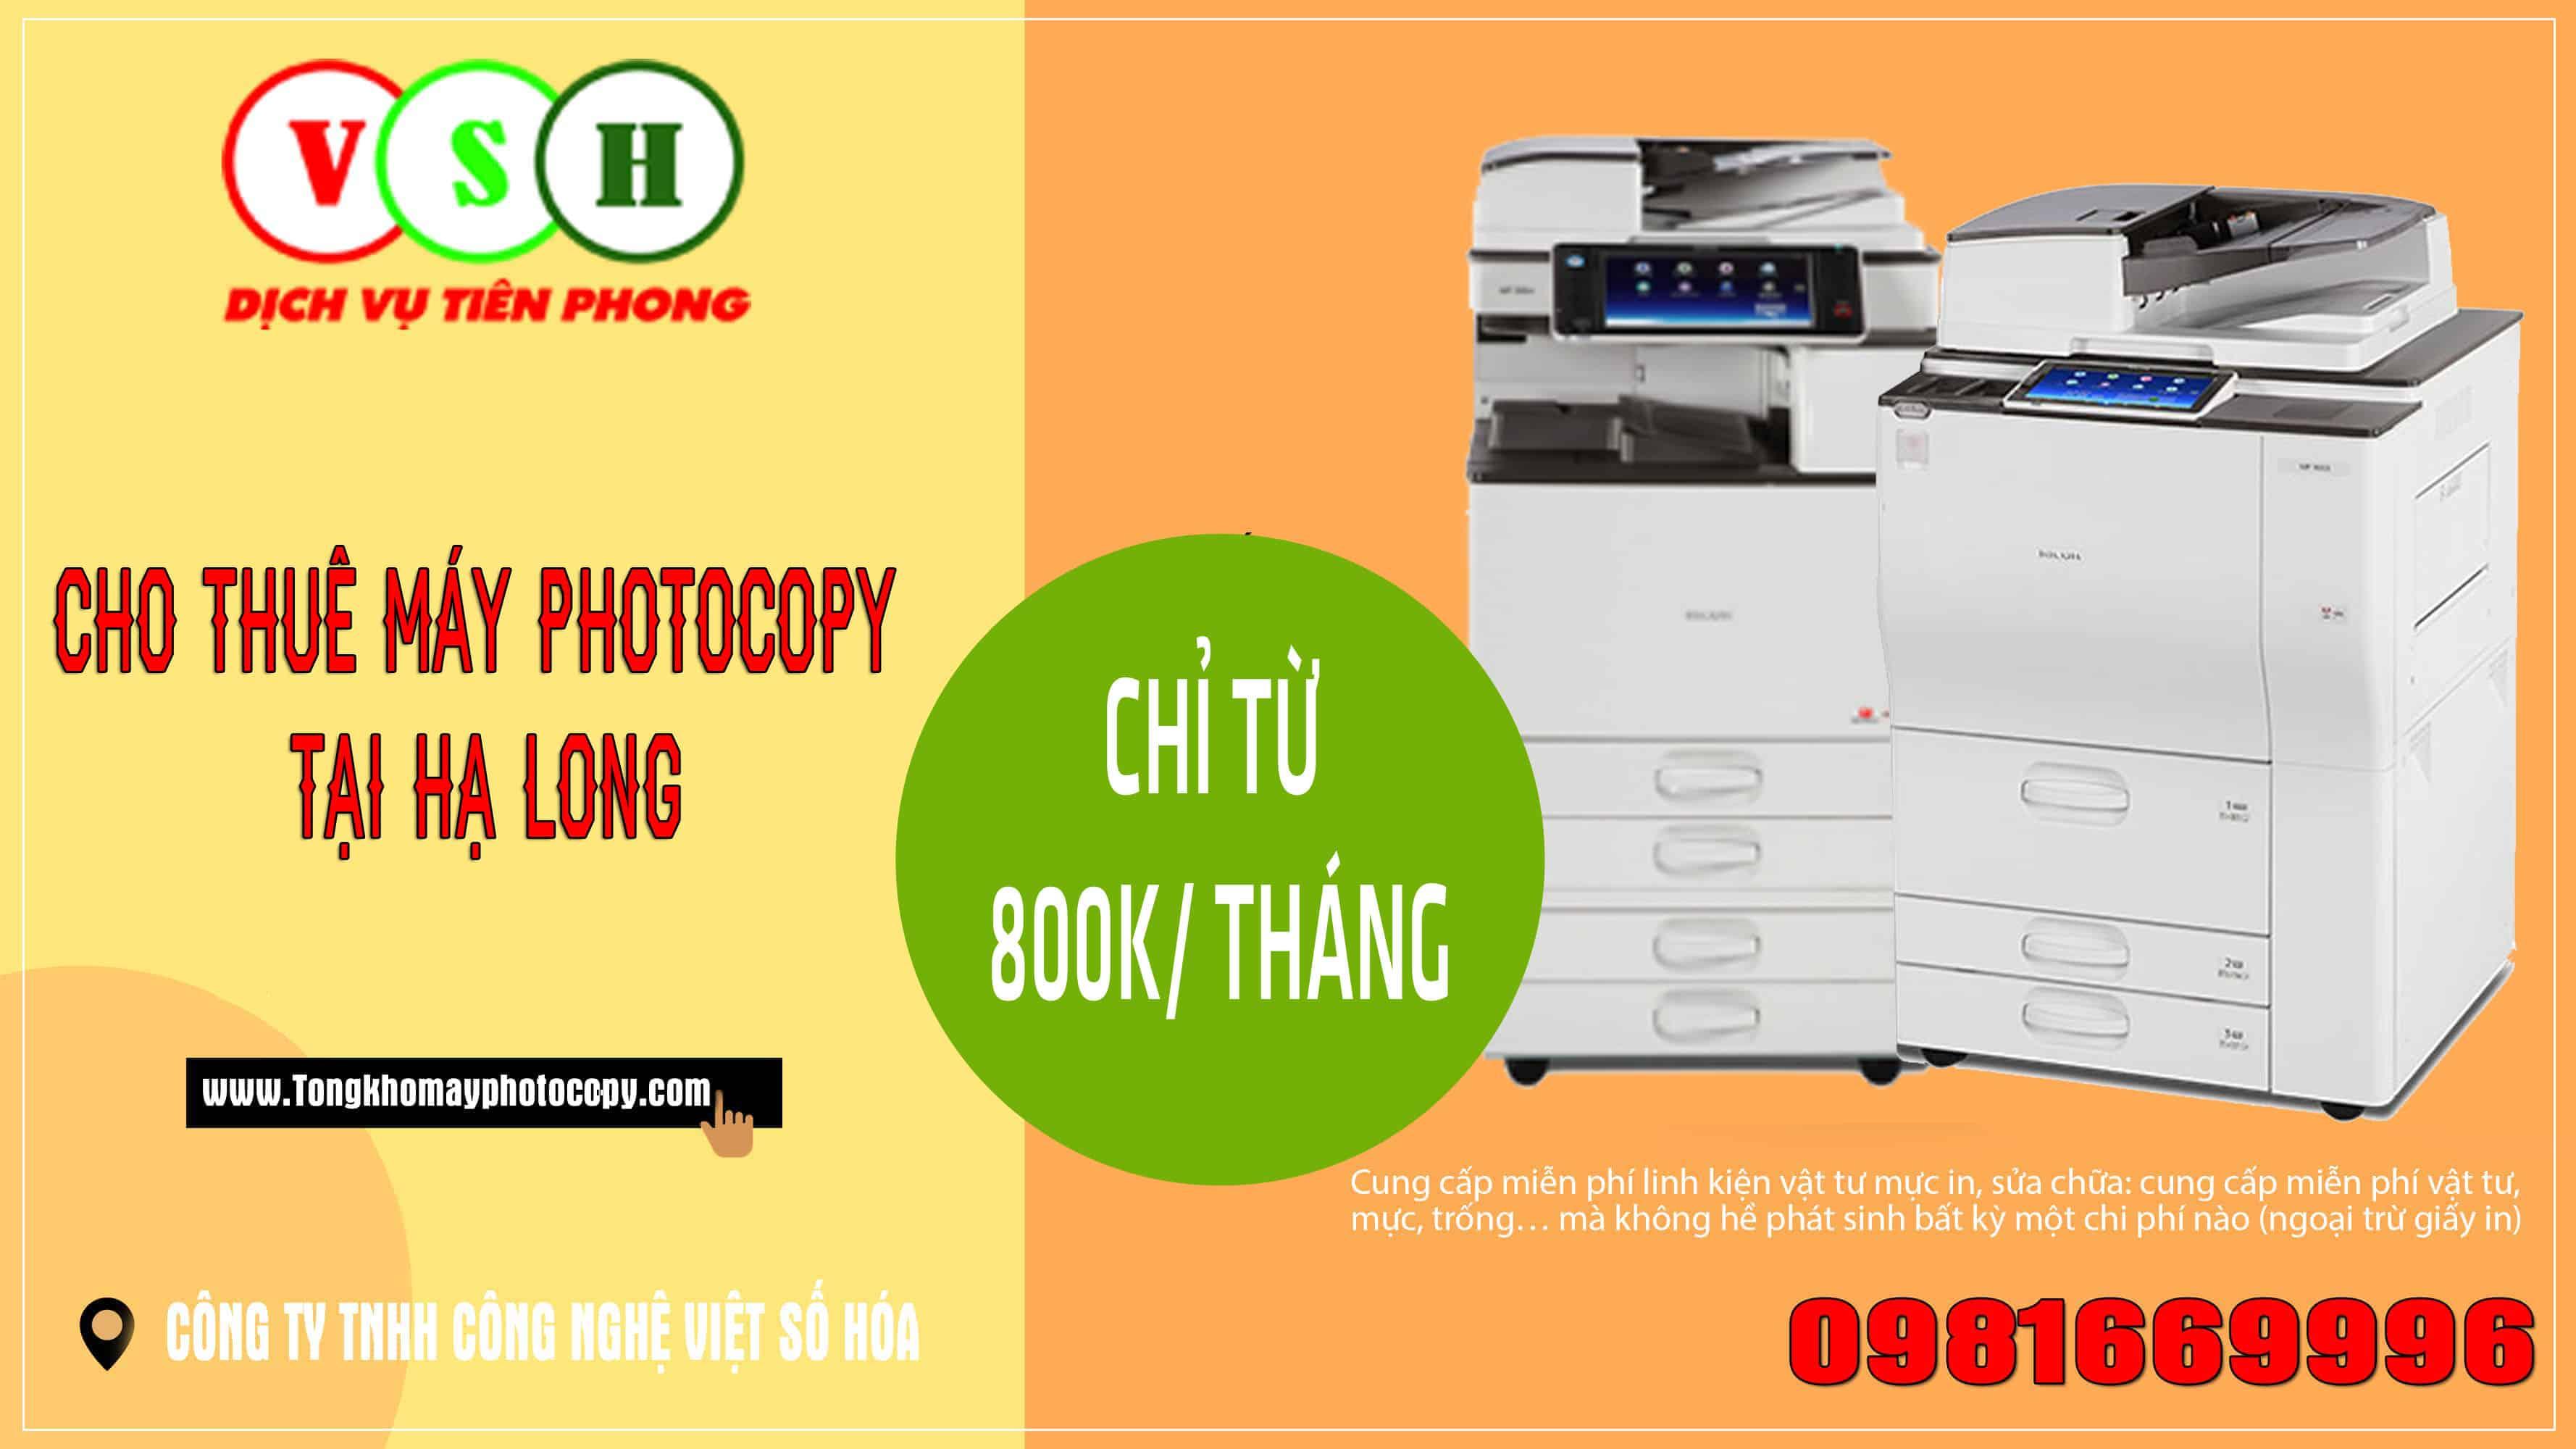 cho thue may photo ha long 1